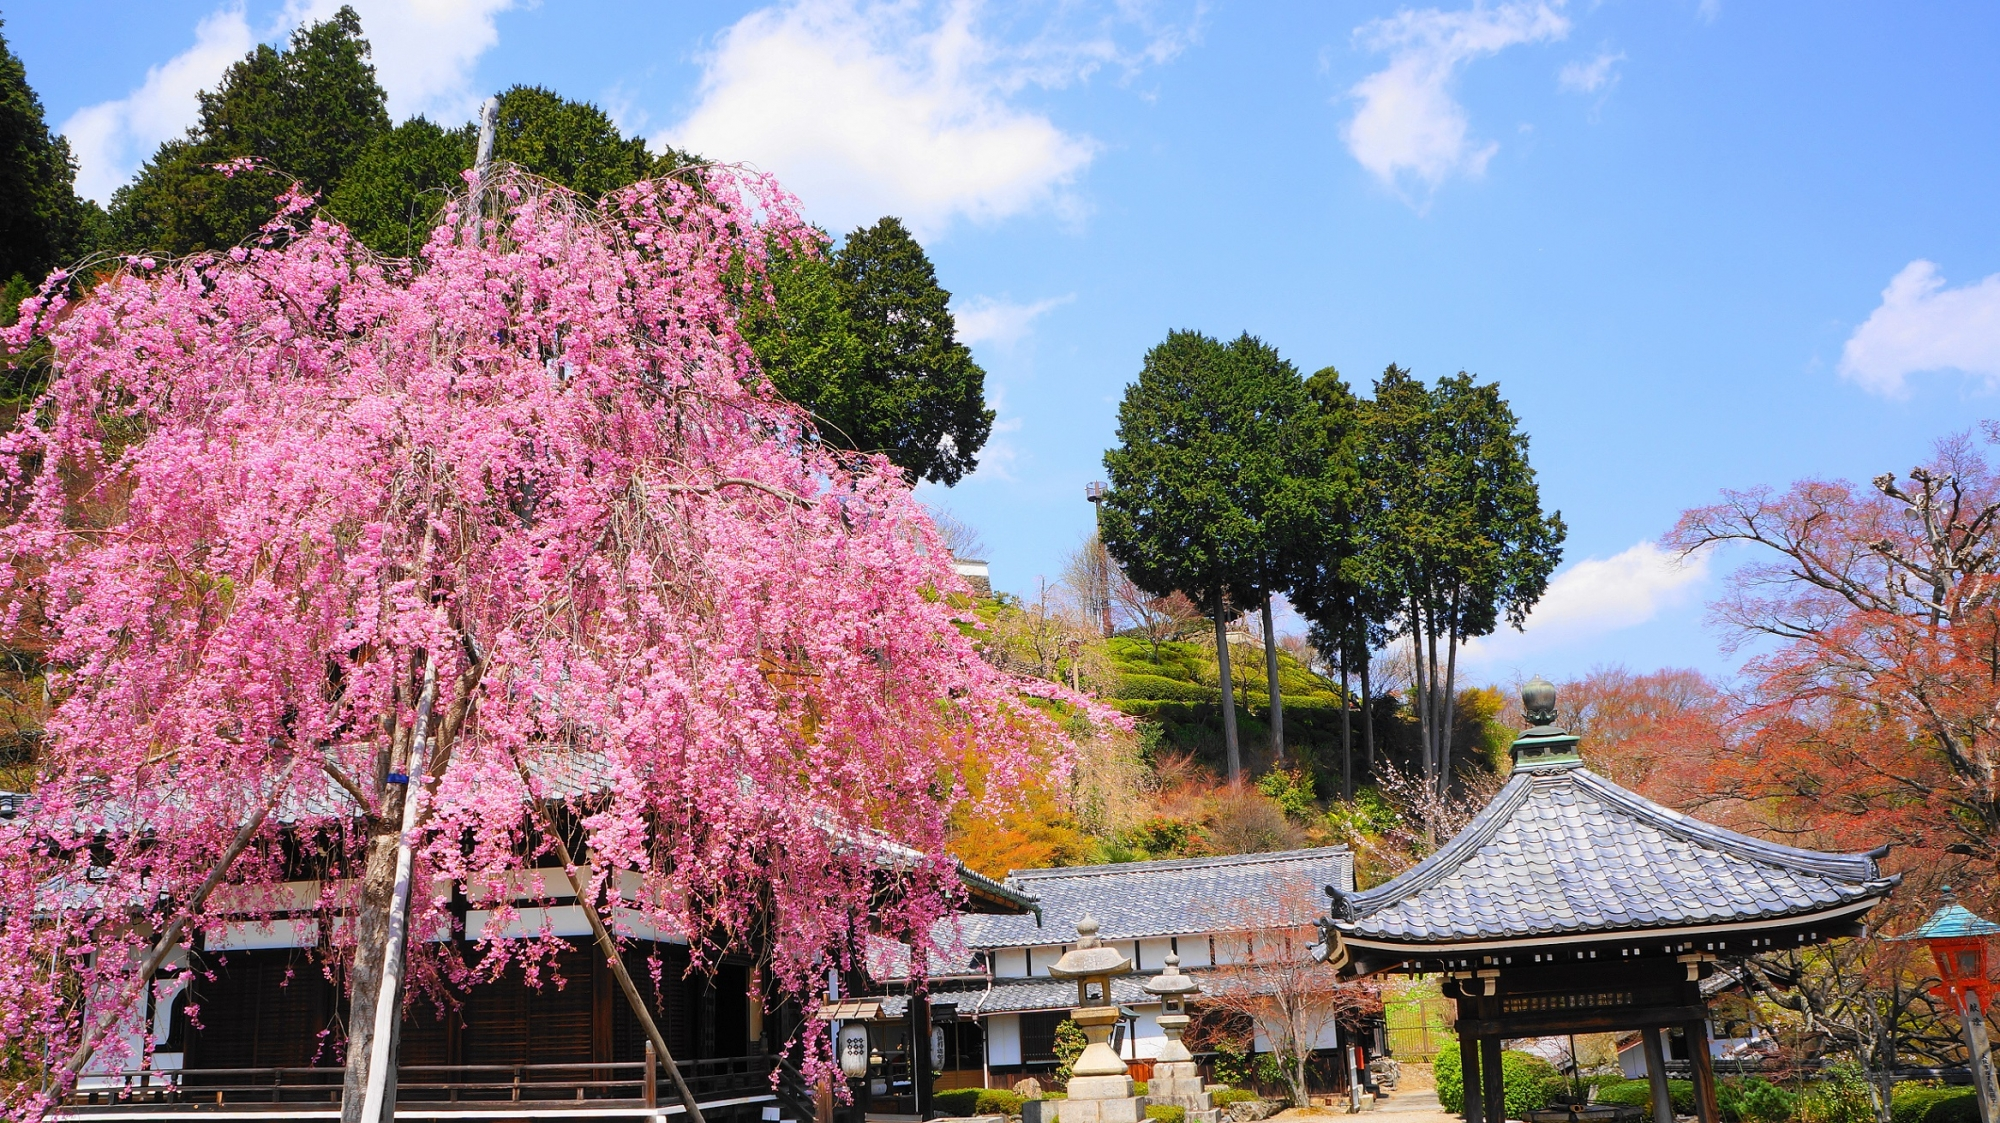 山寺の絵になる桜の風景